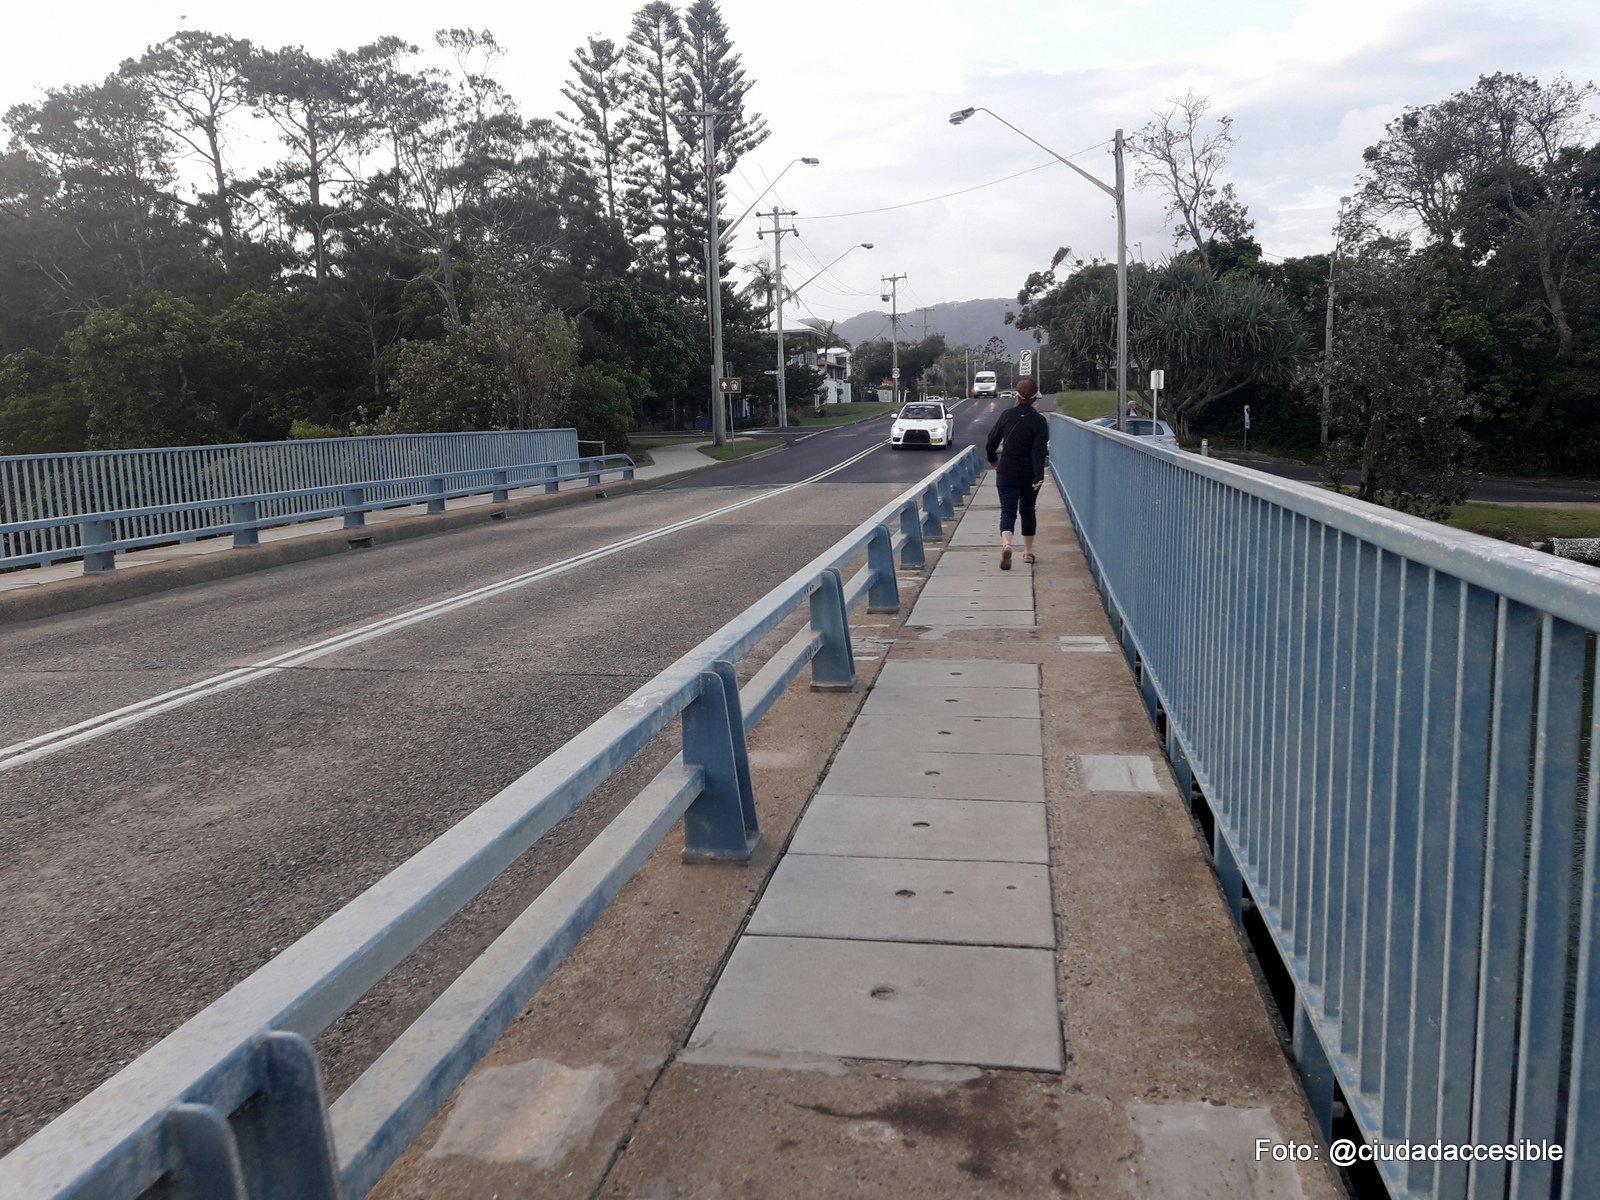 ruta peatonal sobre un puente en Parque Coffs Harbor